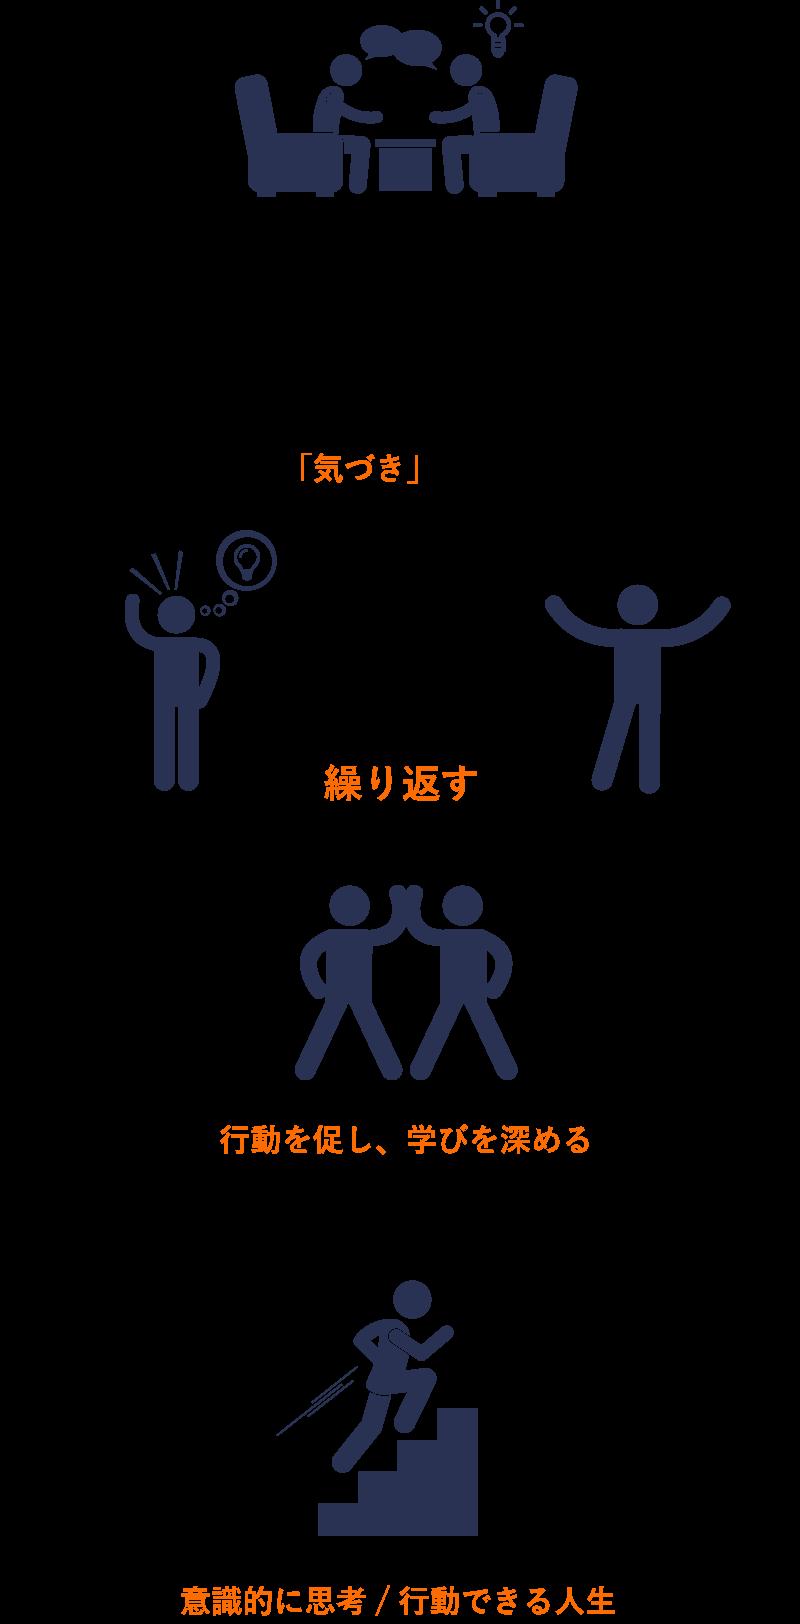 1.安心安全な場で2人で思考/感情を深める。→2.自ら「気づき」が生まれる。気づきと行動を繰り返す。行動を促し、学びを深める。→3.意識的に思考/行動できる人生になる。